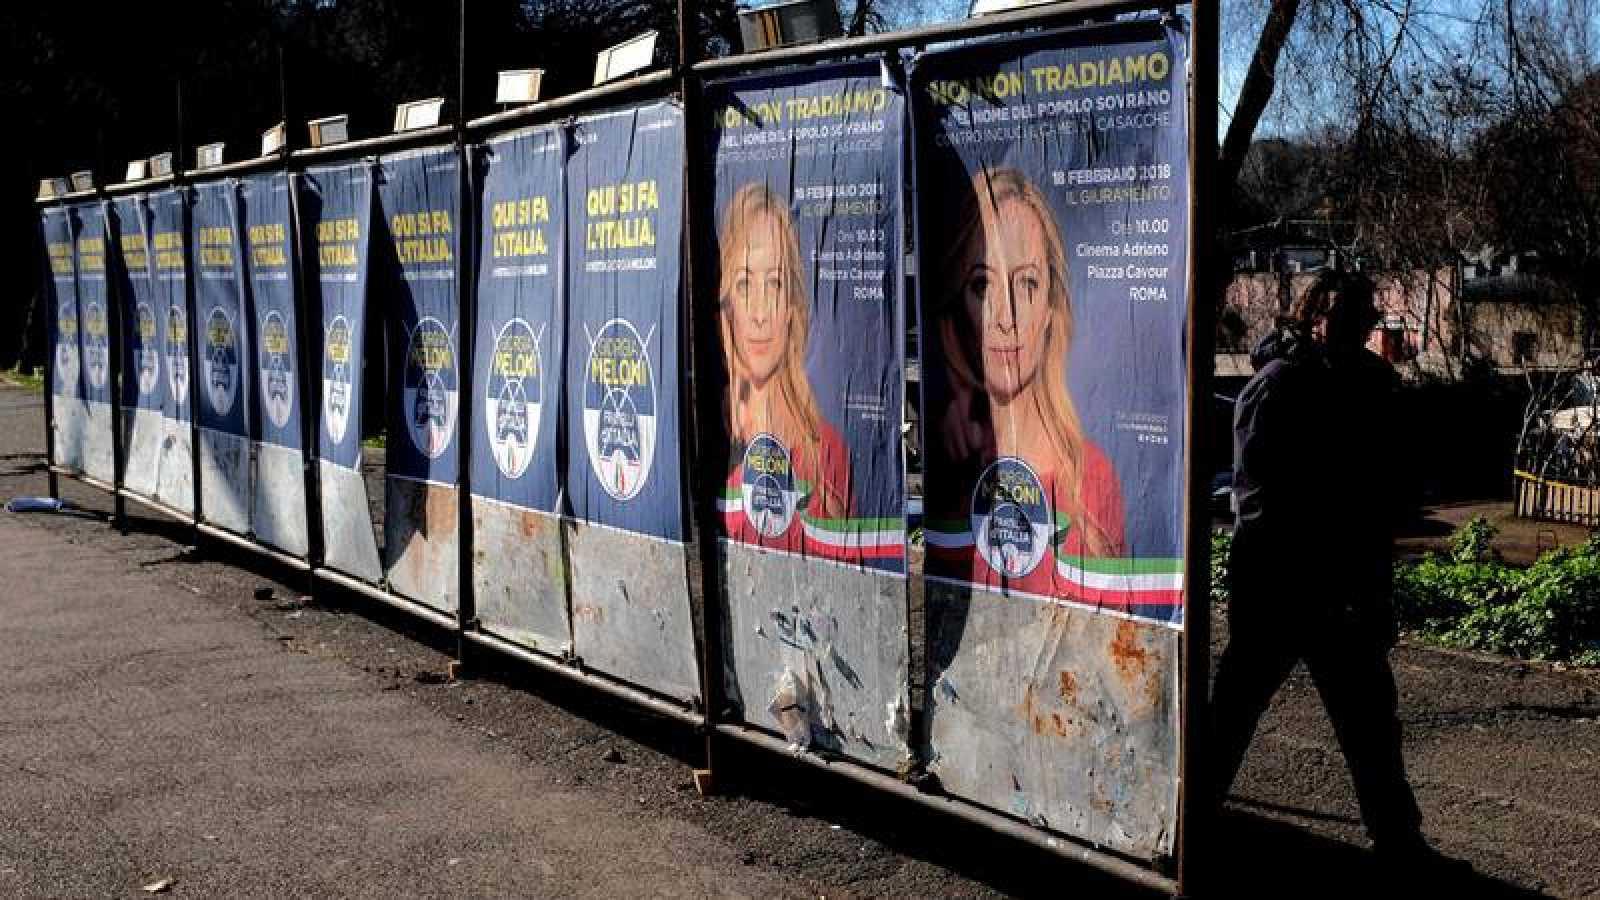 Un hombre pasea frente a los carteles electorales en Roma